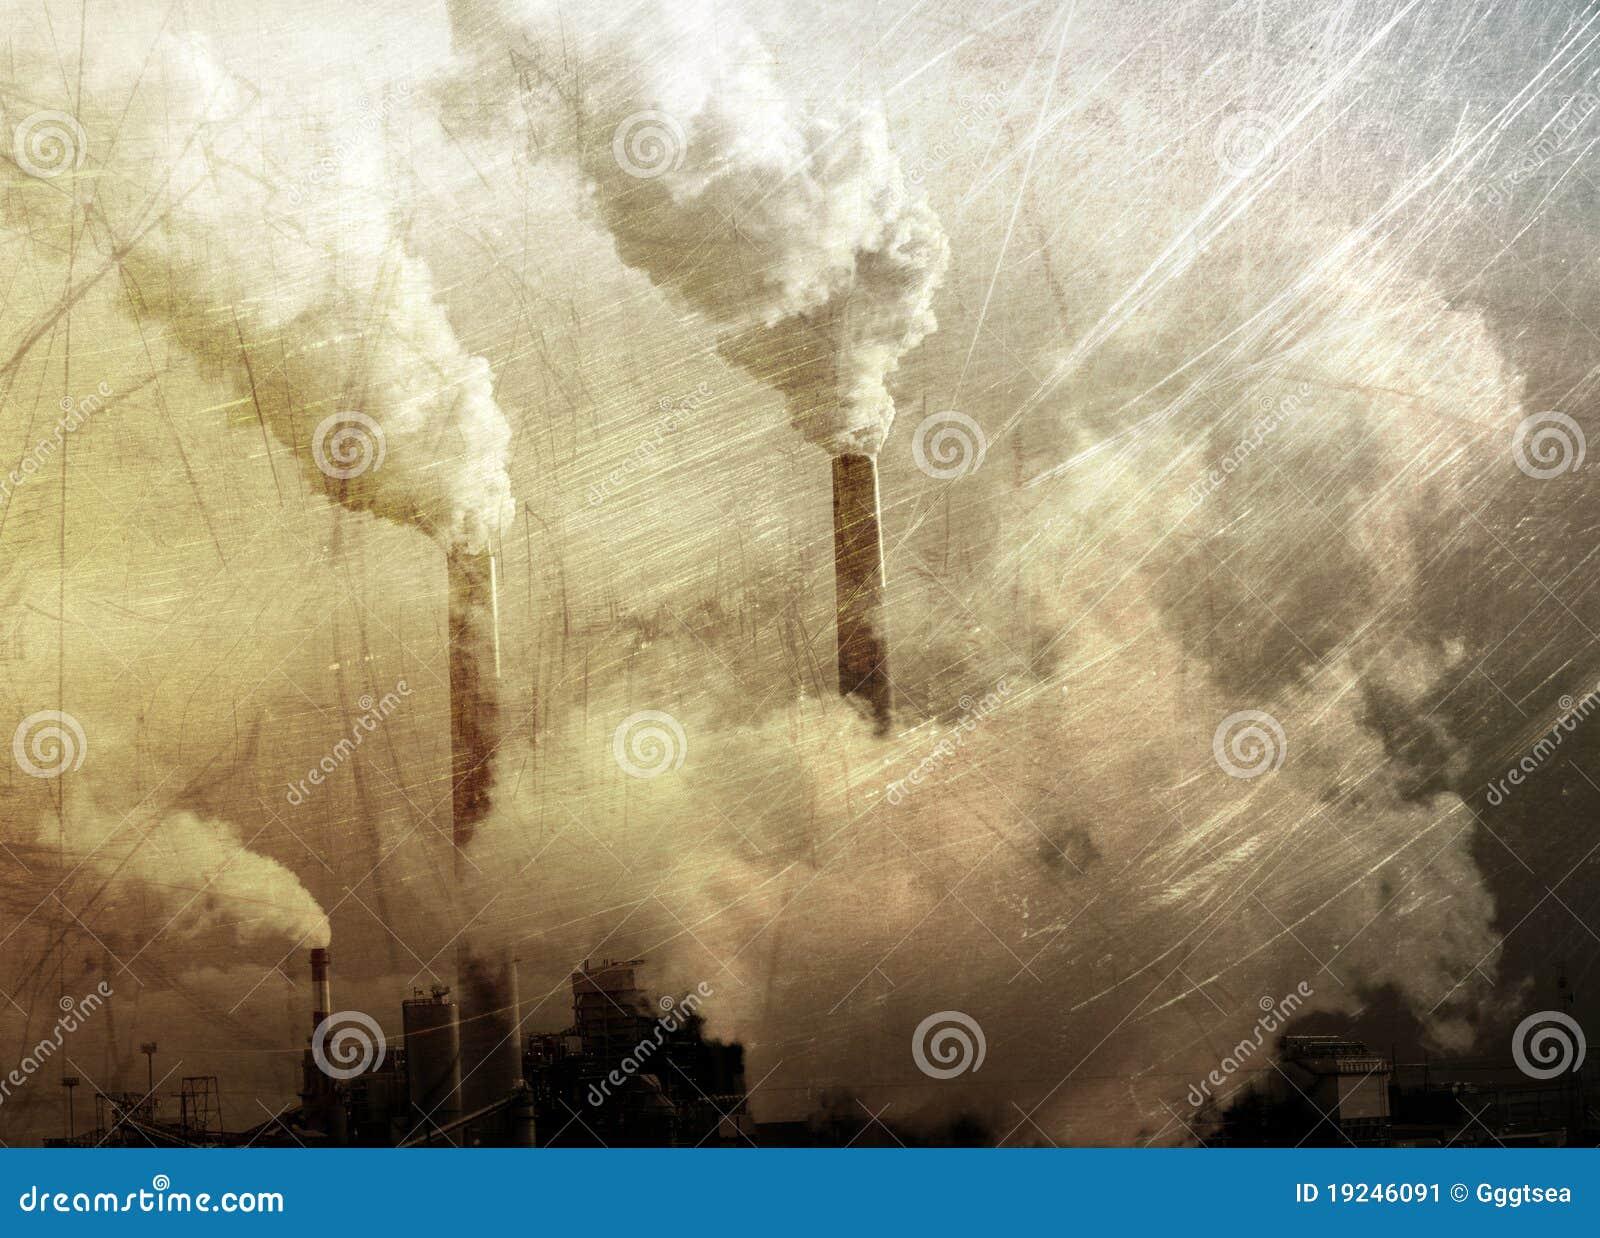 Rauchendes Fabrik grunge